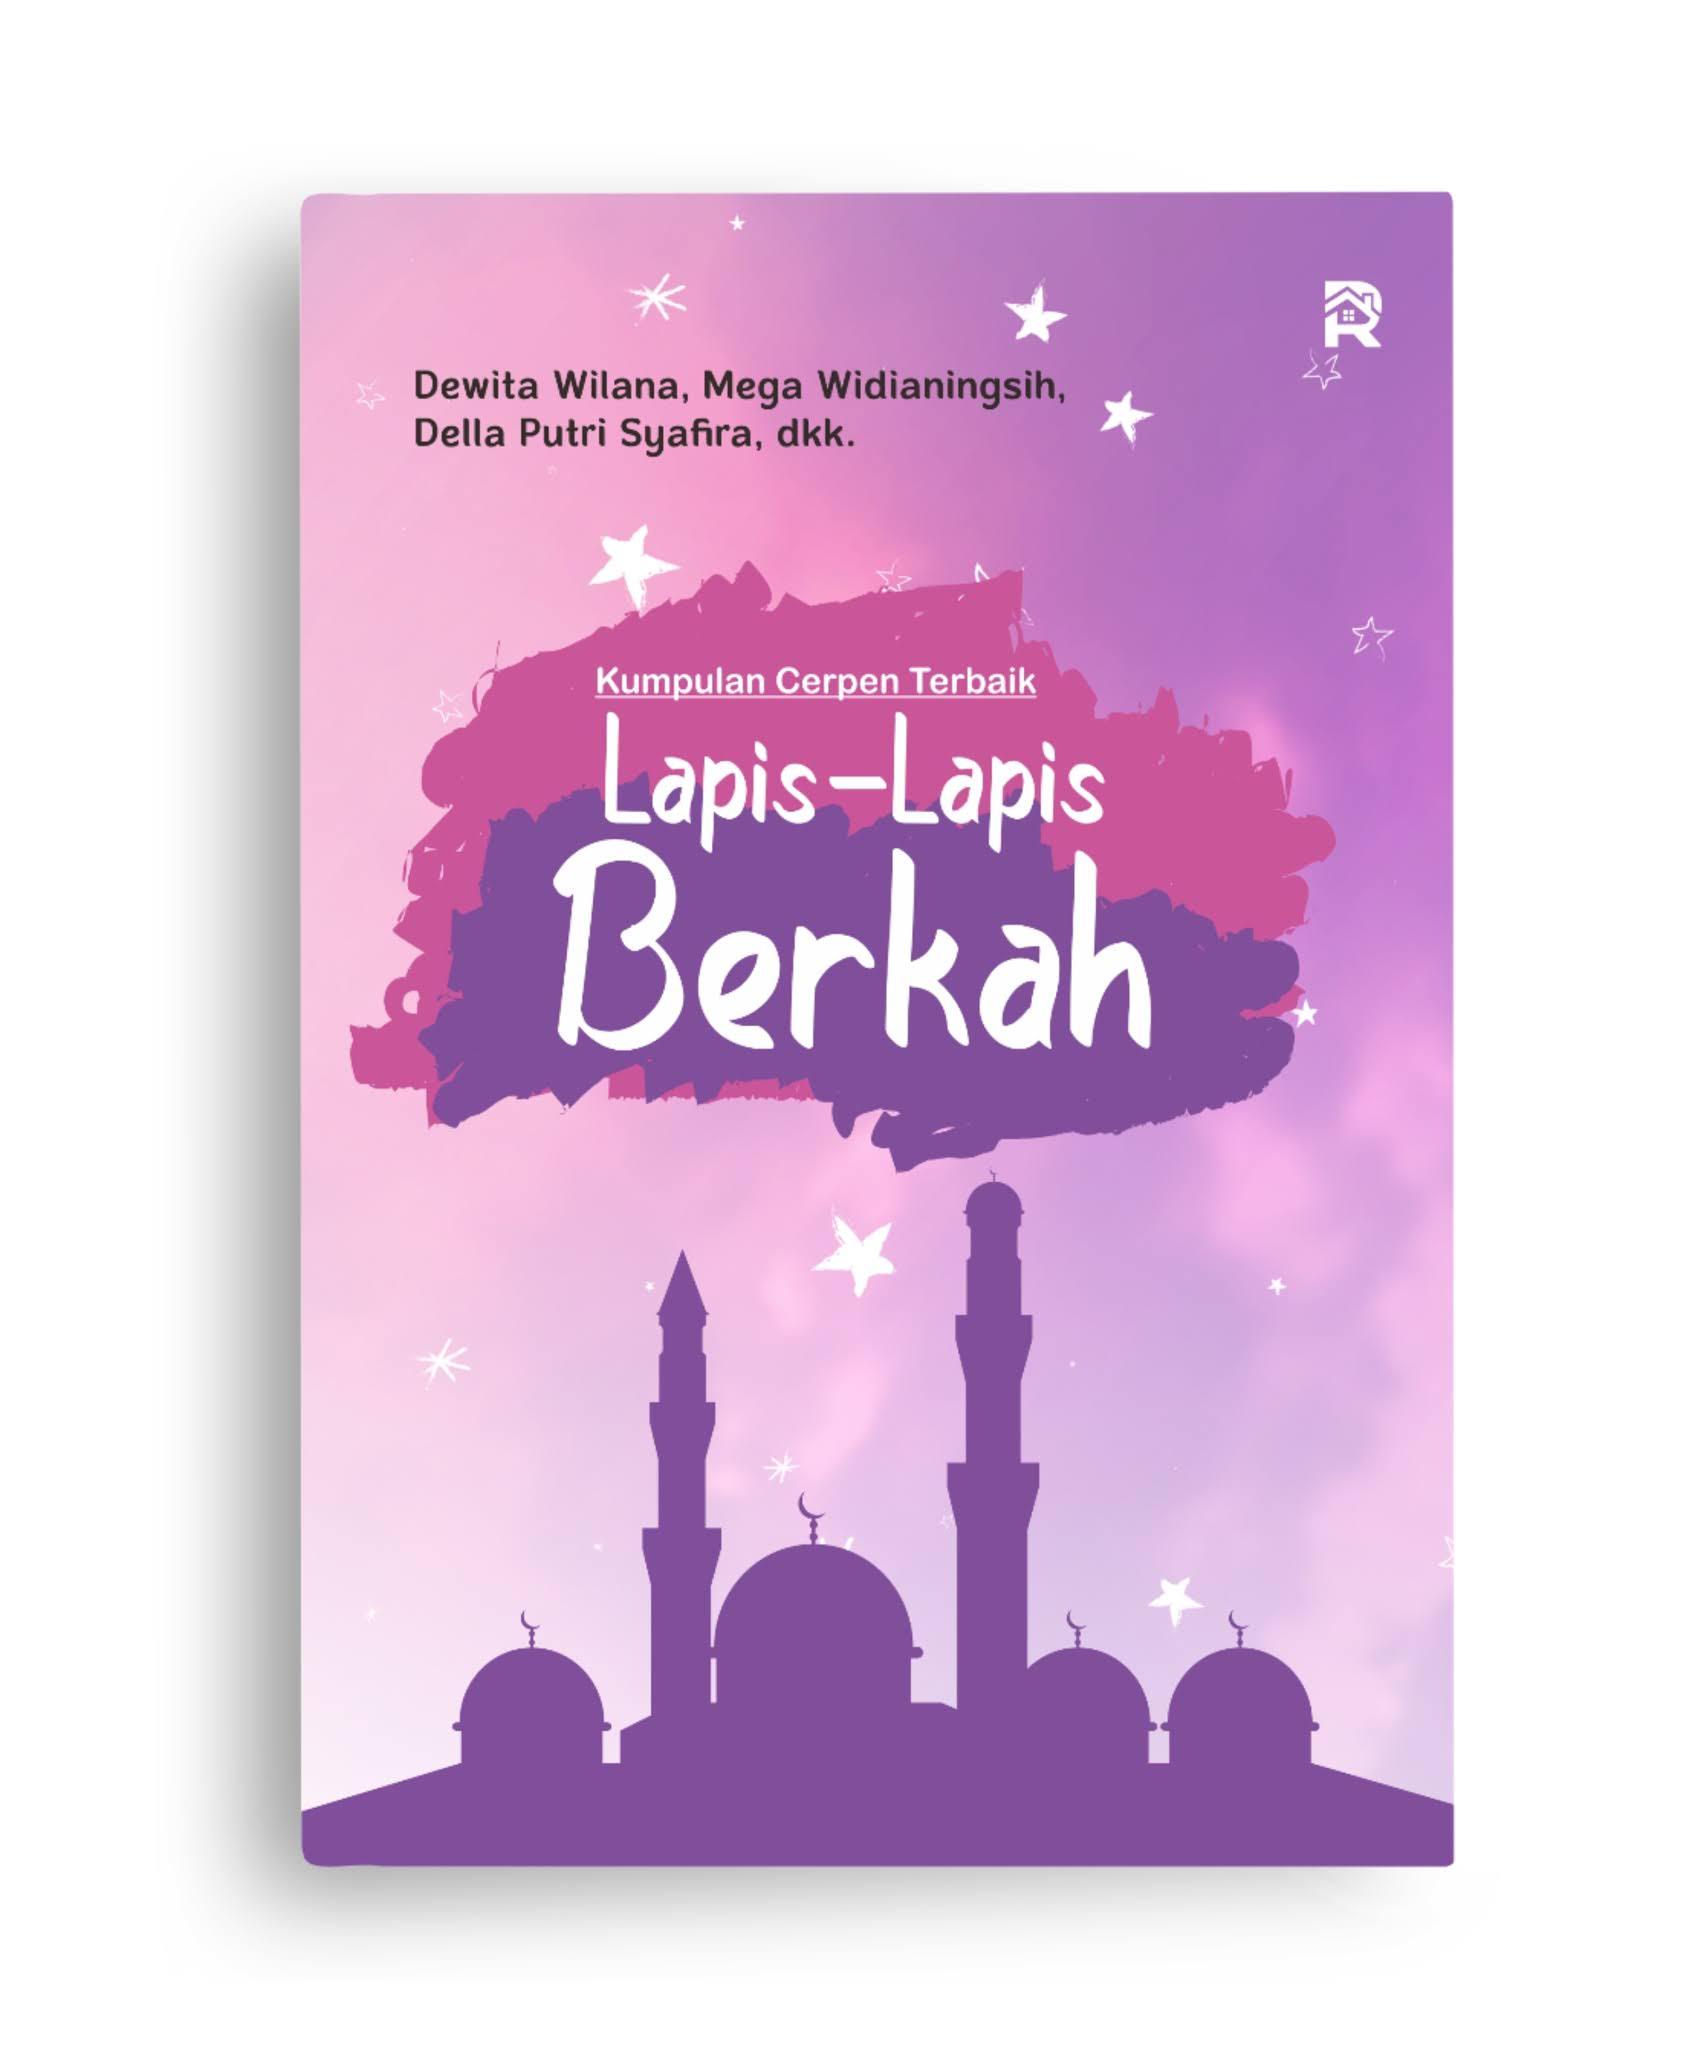 Lapis-Lapis Berkah